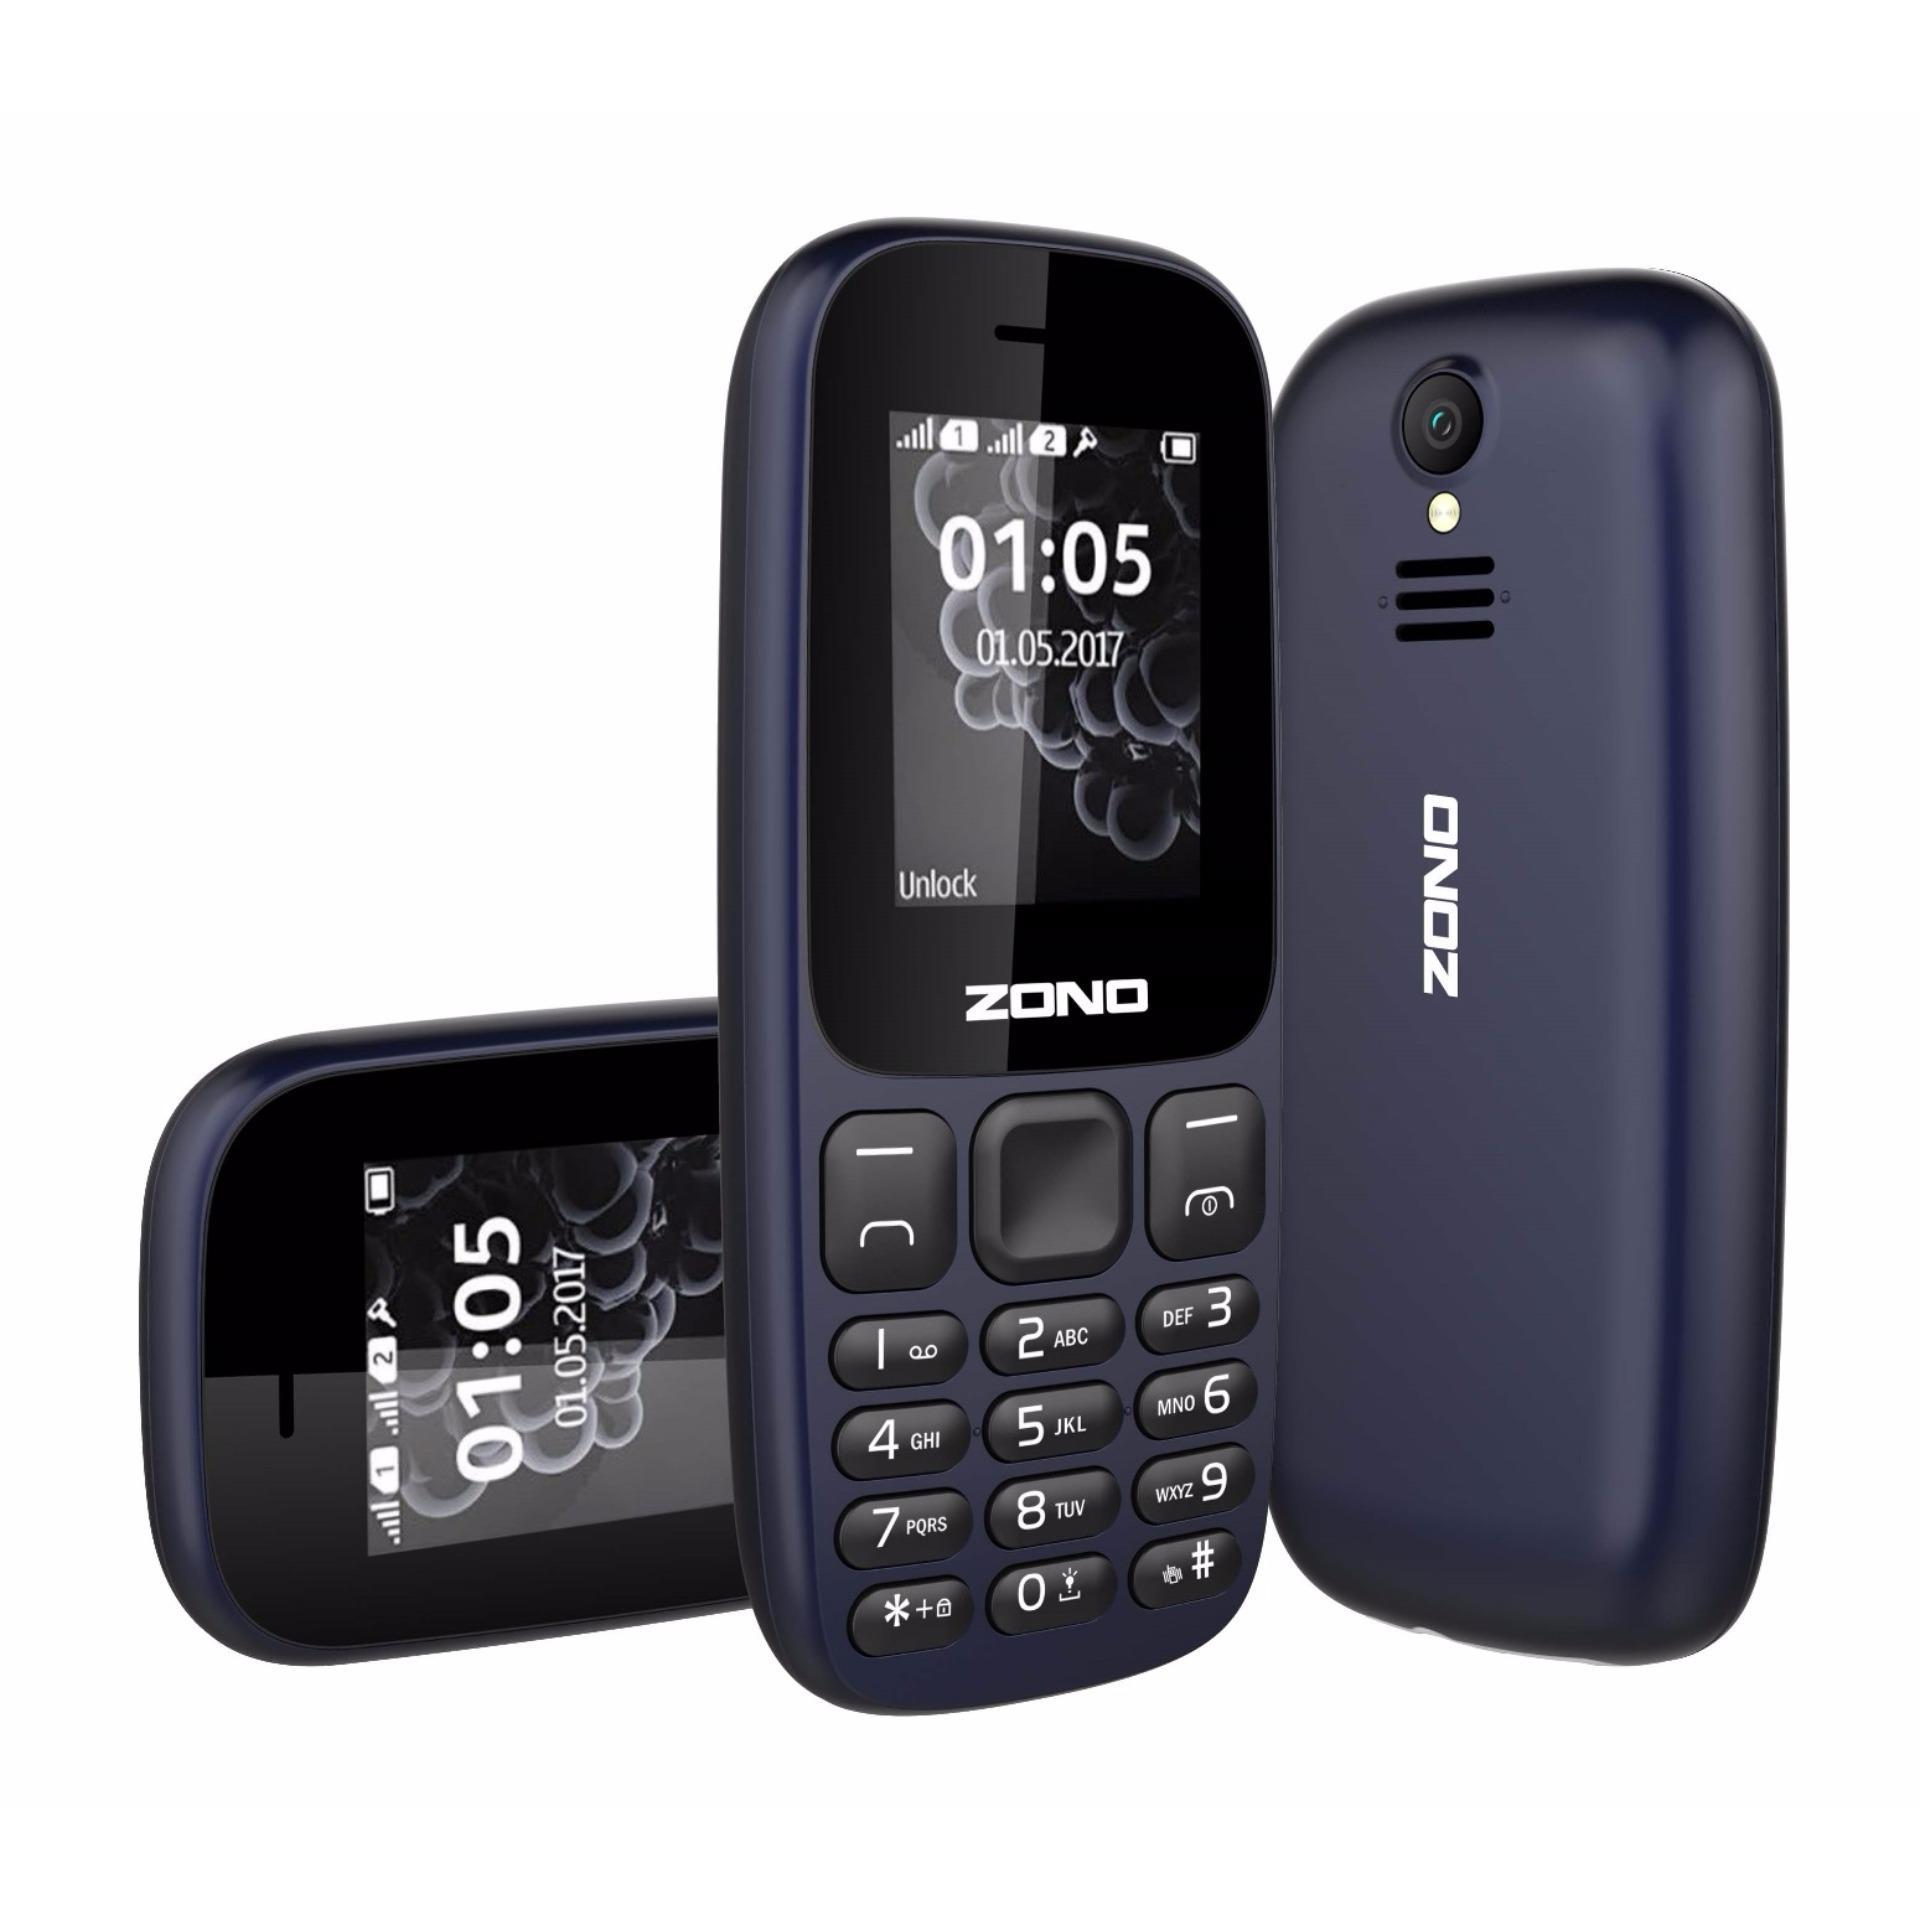 ĐTDĐ ZONO N105 2 Sim Có Camera (Bảo hành 12 tháng) - Xanh Đen